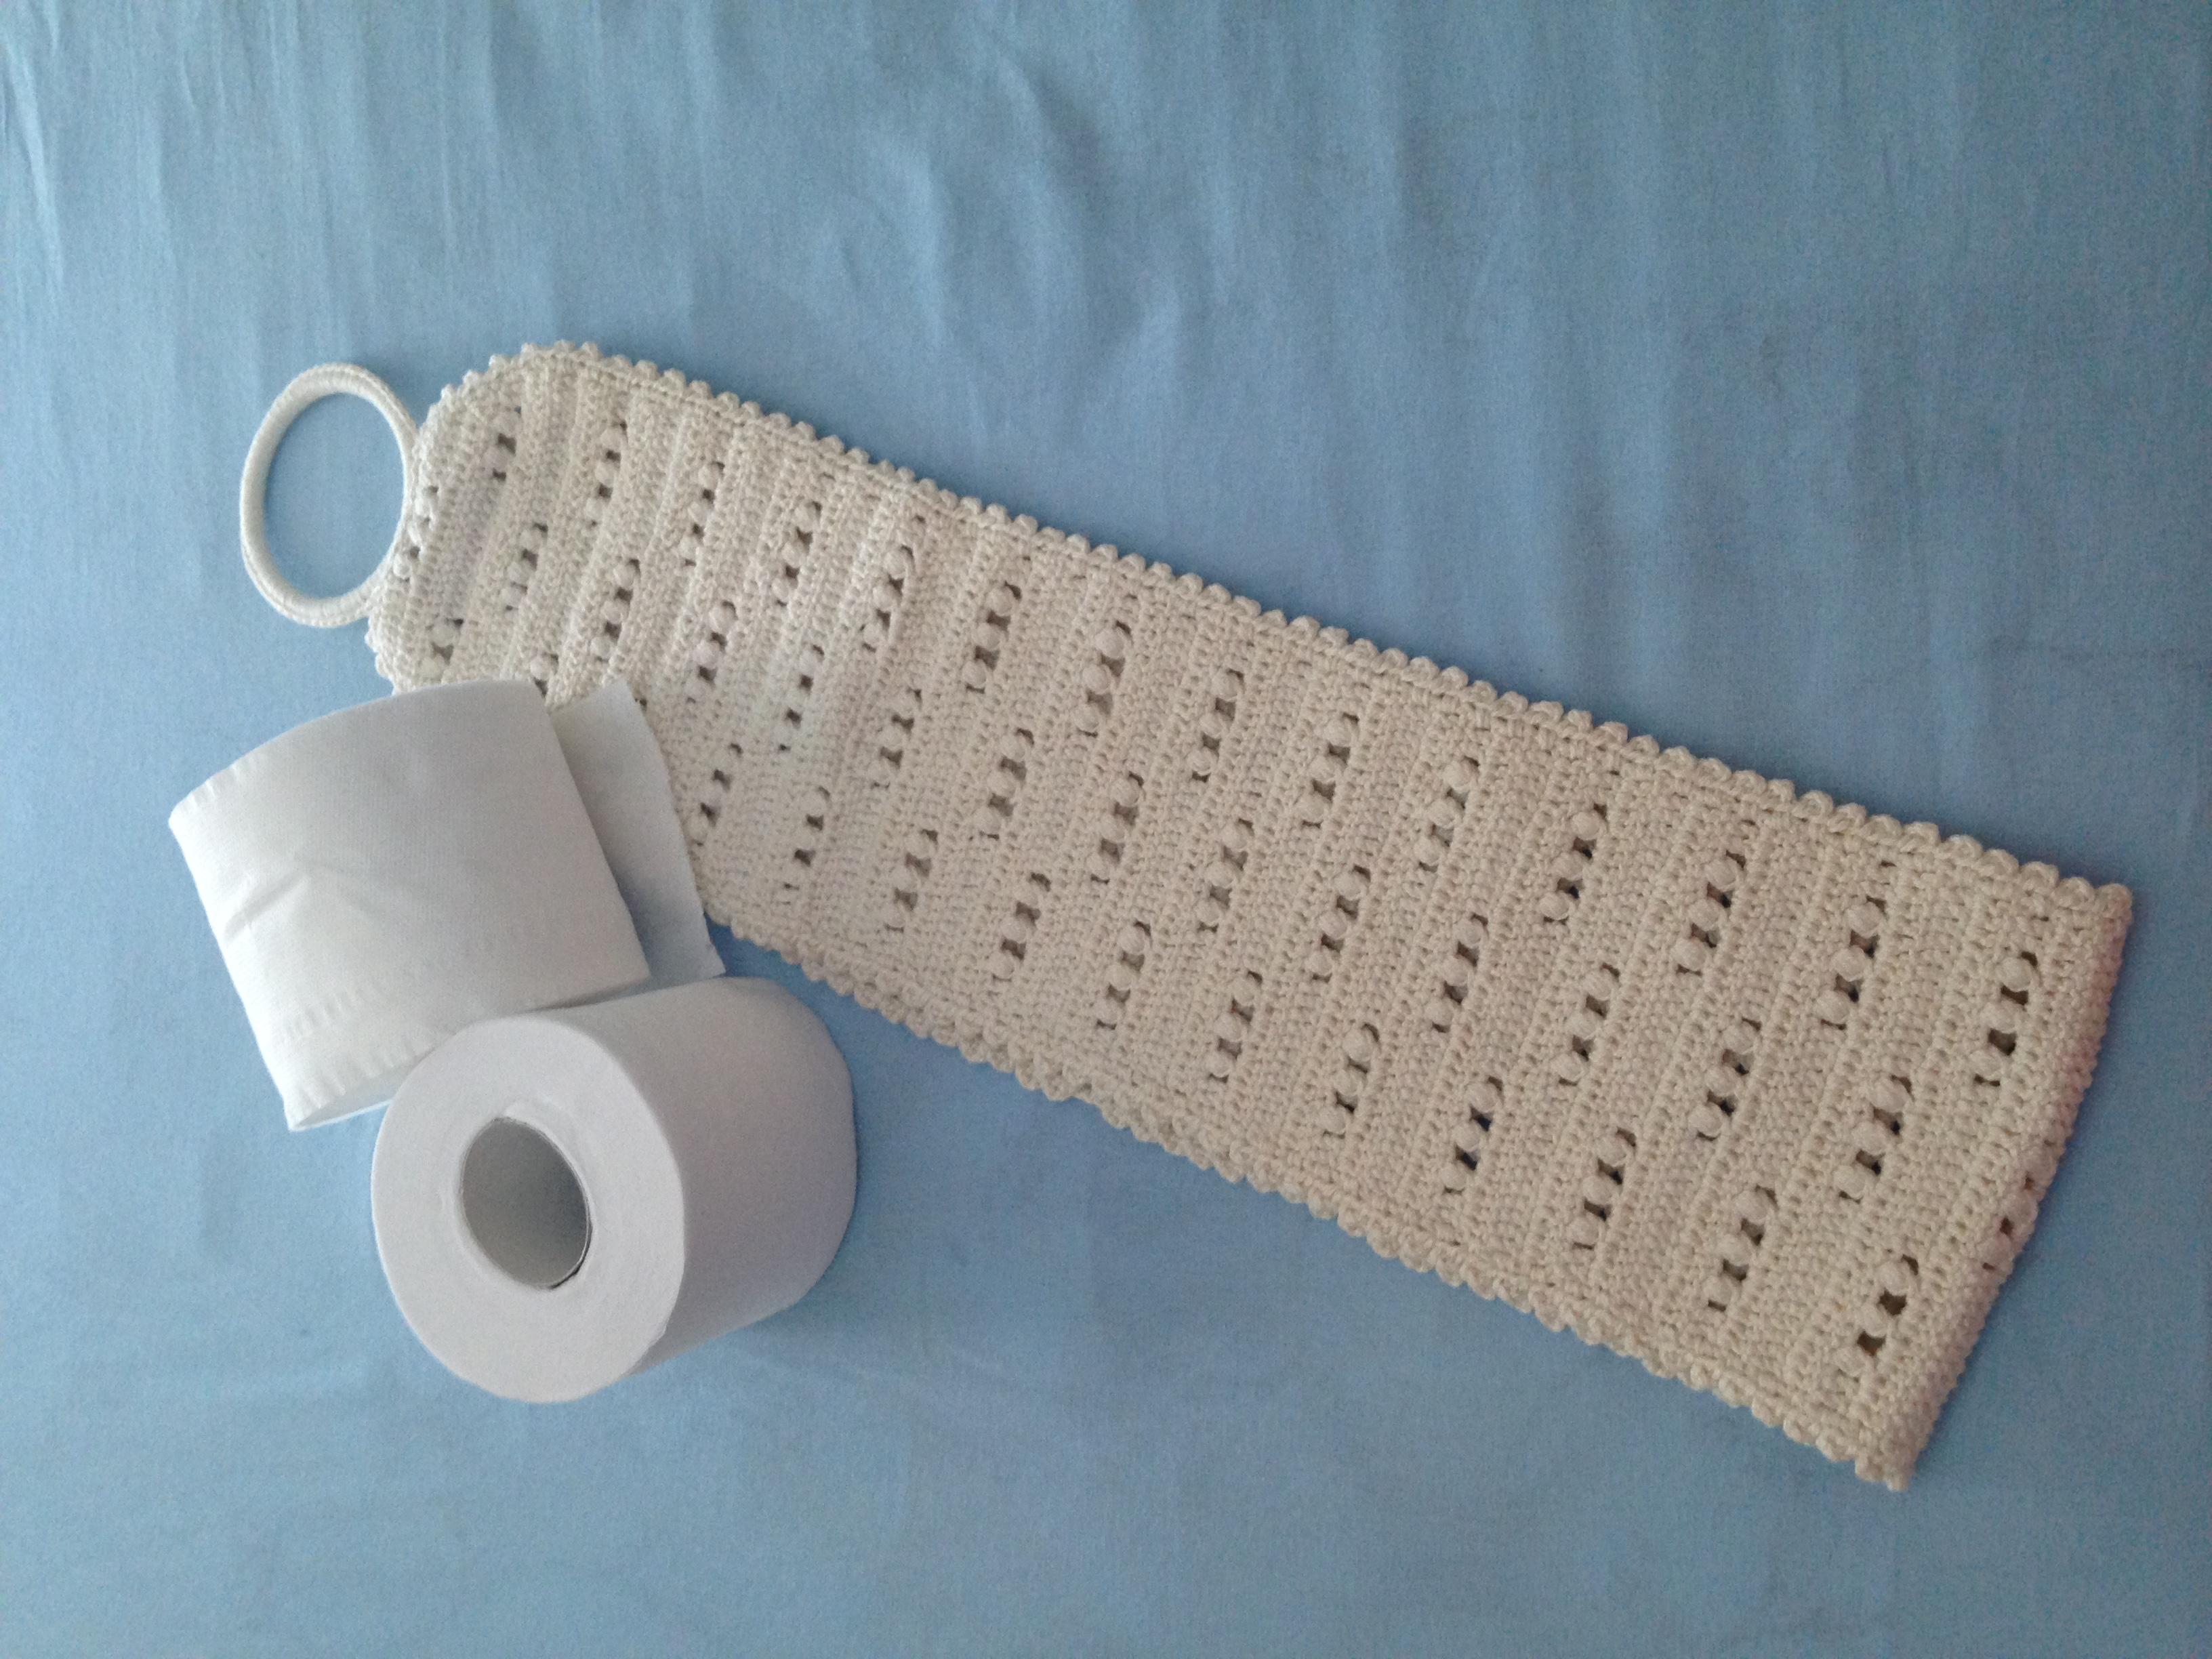 #426E89 Porta Papel Higiênico em crochê No Tempo da Vovó Elo7 3264x2448 px Banheiro Higienico Para Caes 3019